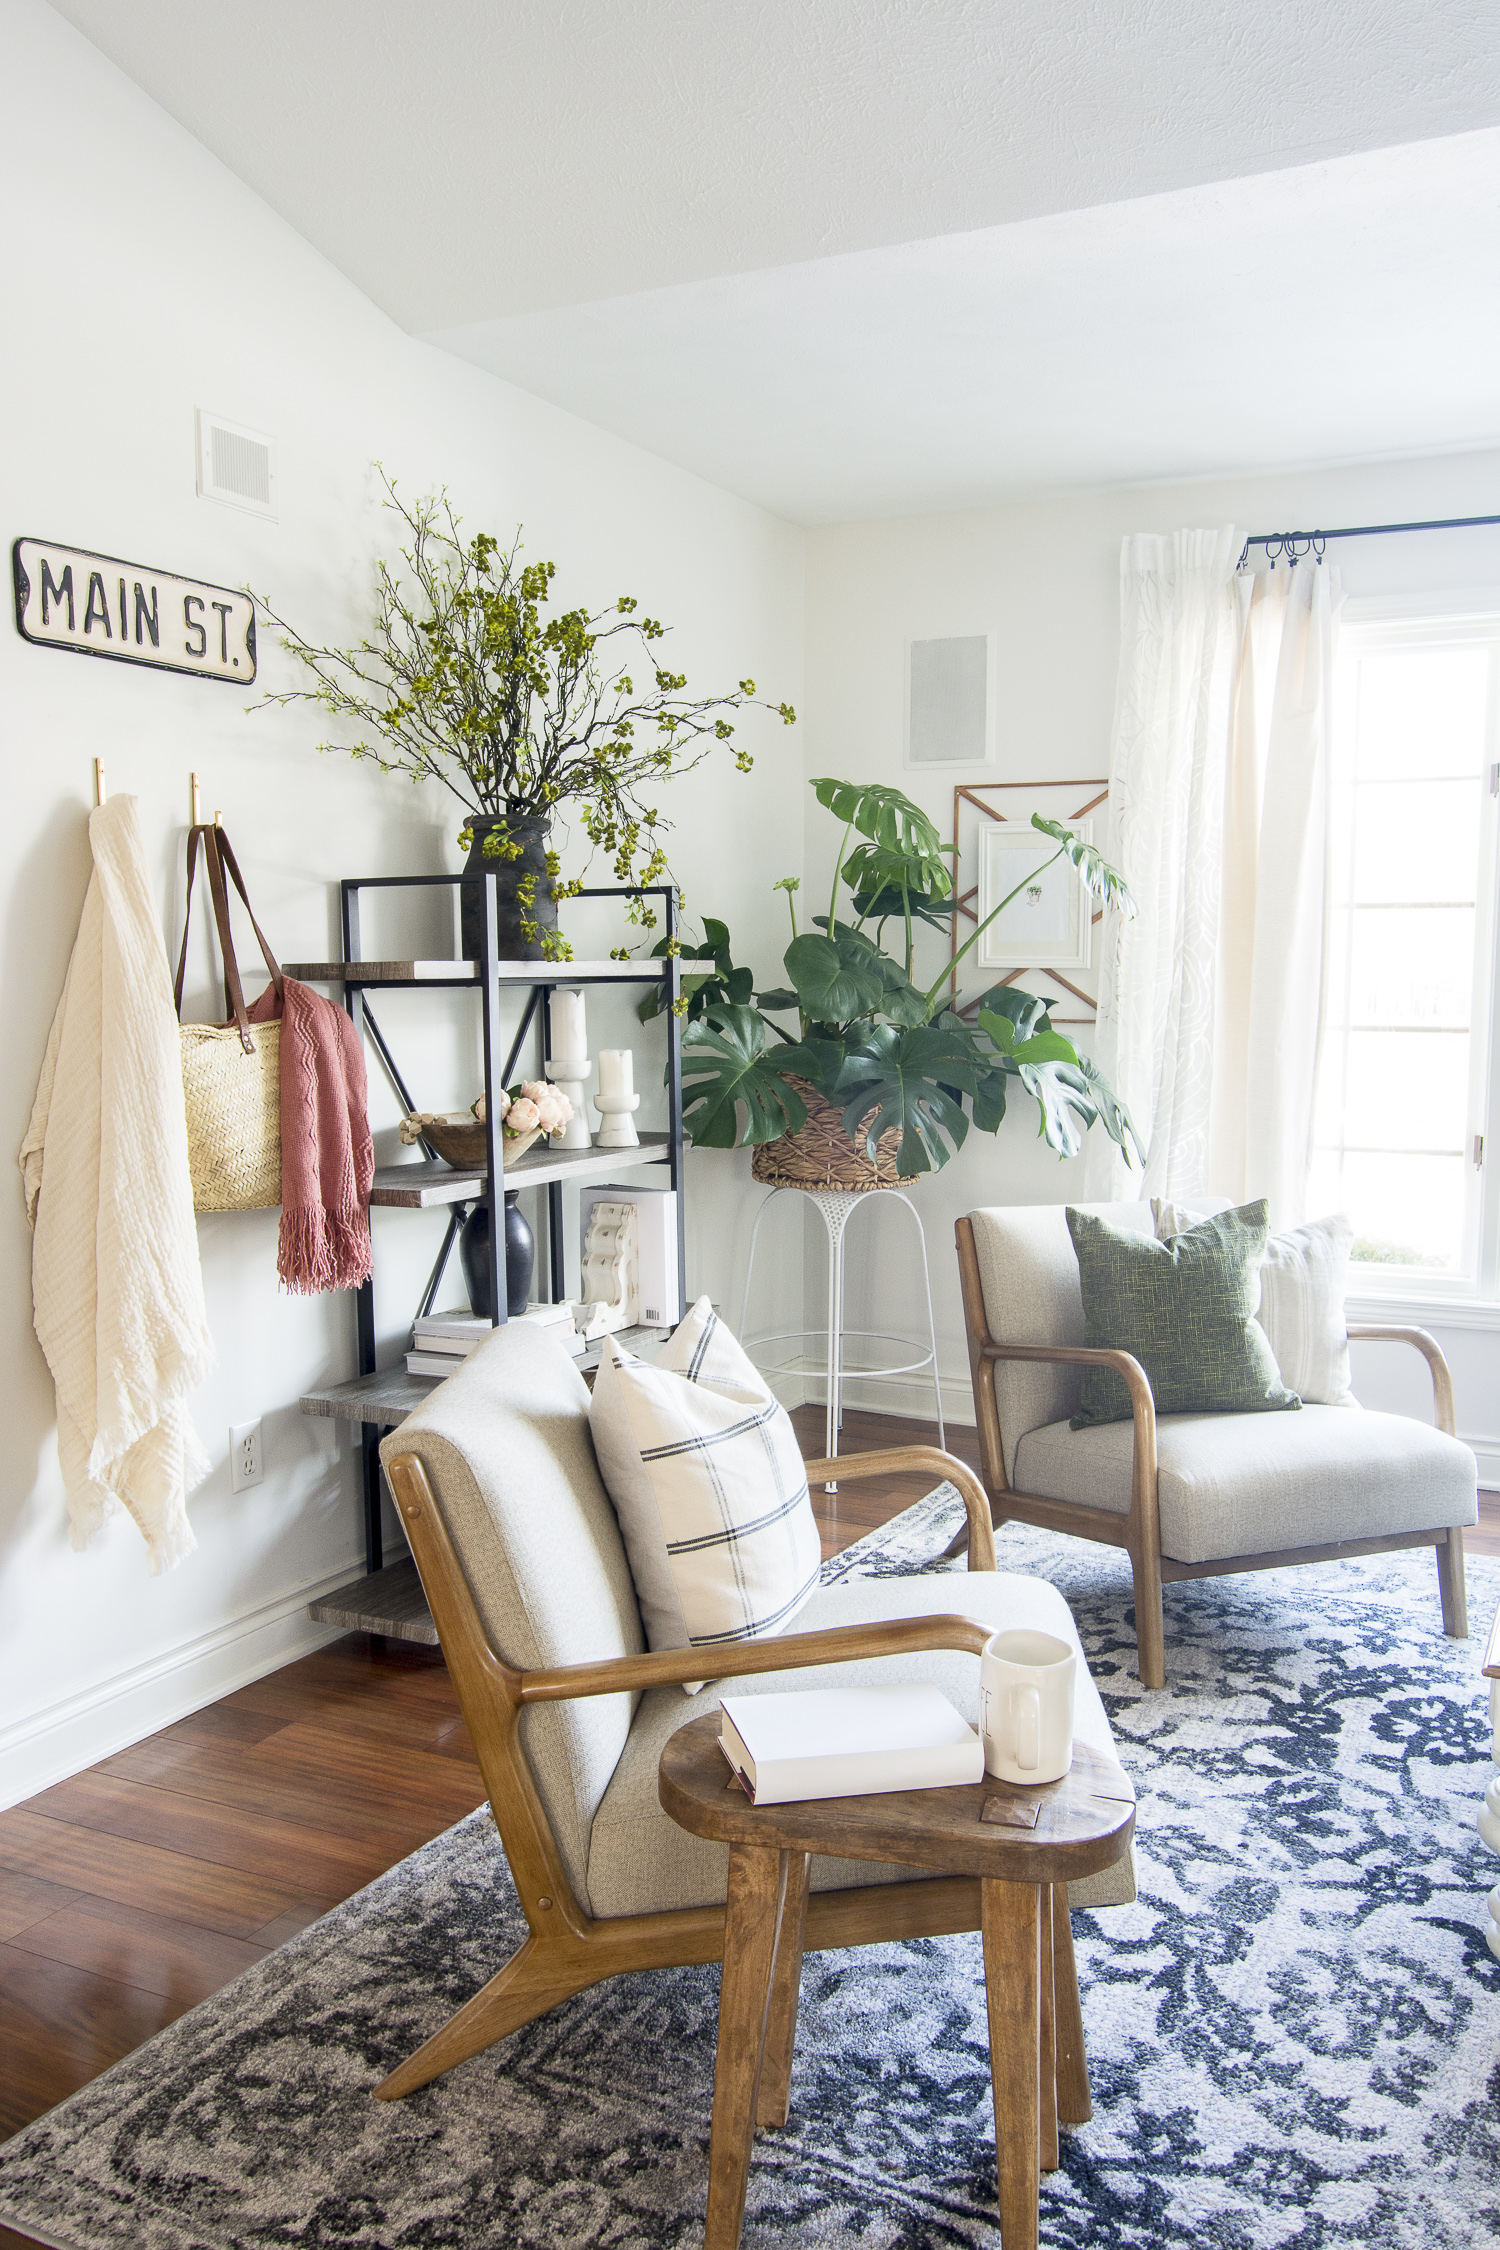 Modern farmhouse living room shelf decor.